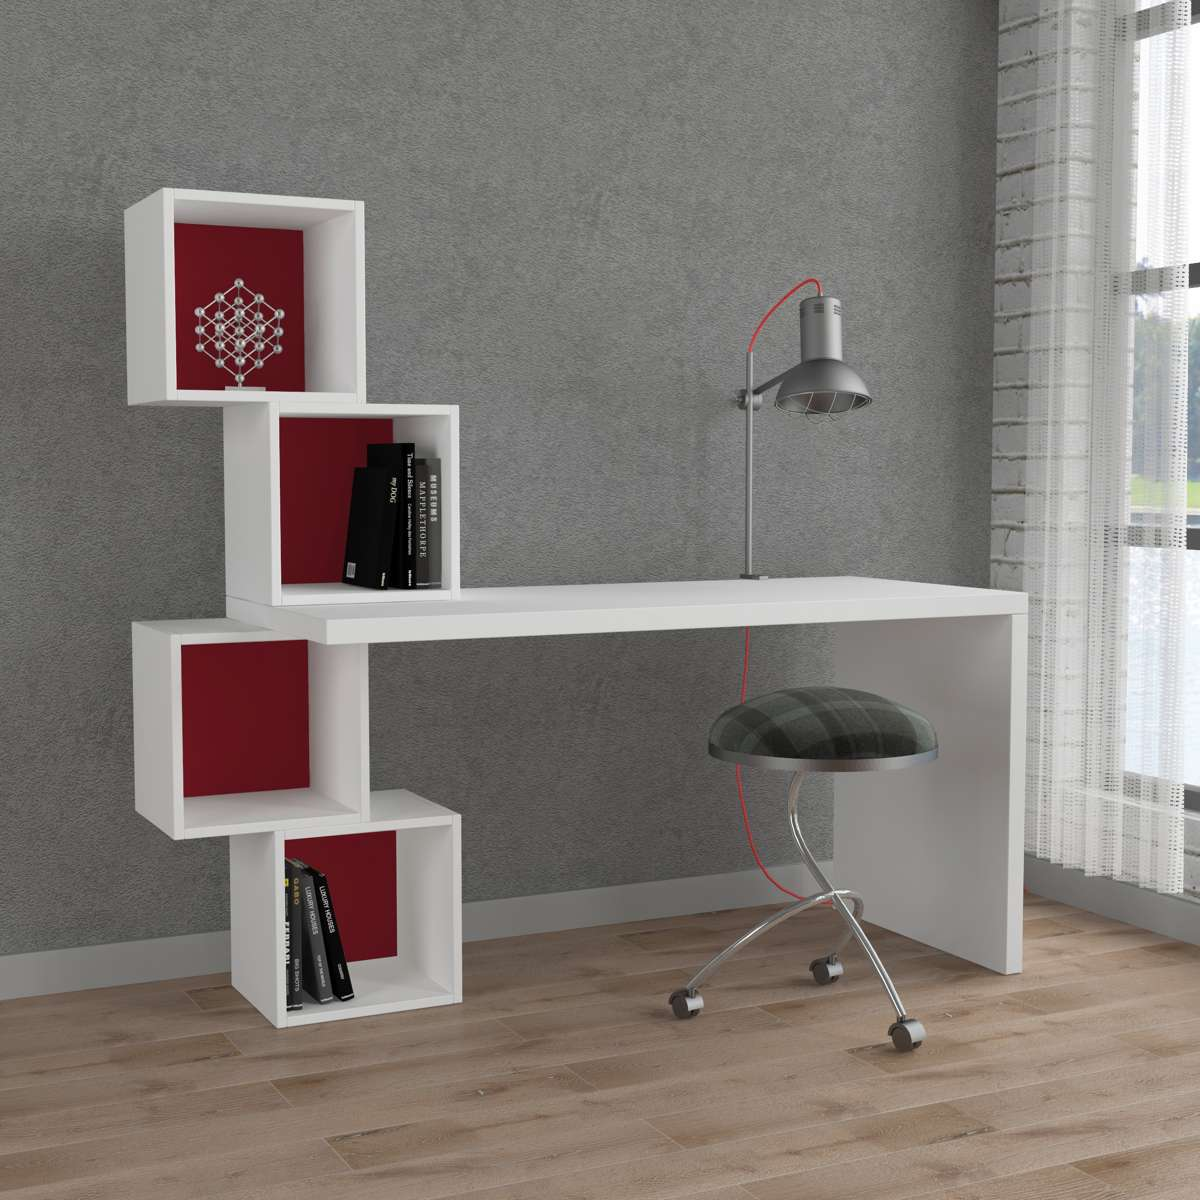 שולחן כתיבה Balance Working table לבן/אדום מסדרת Decoline